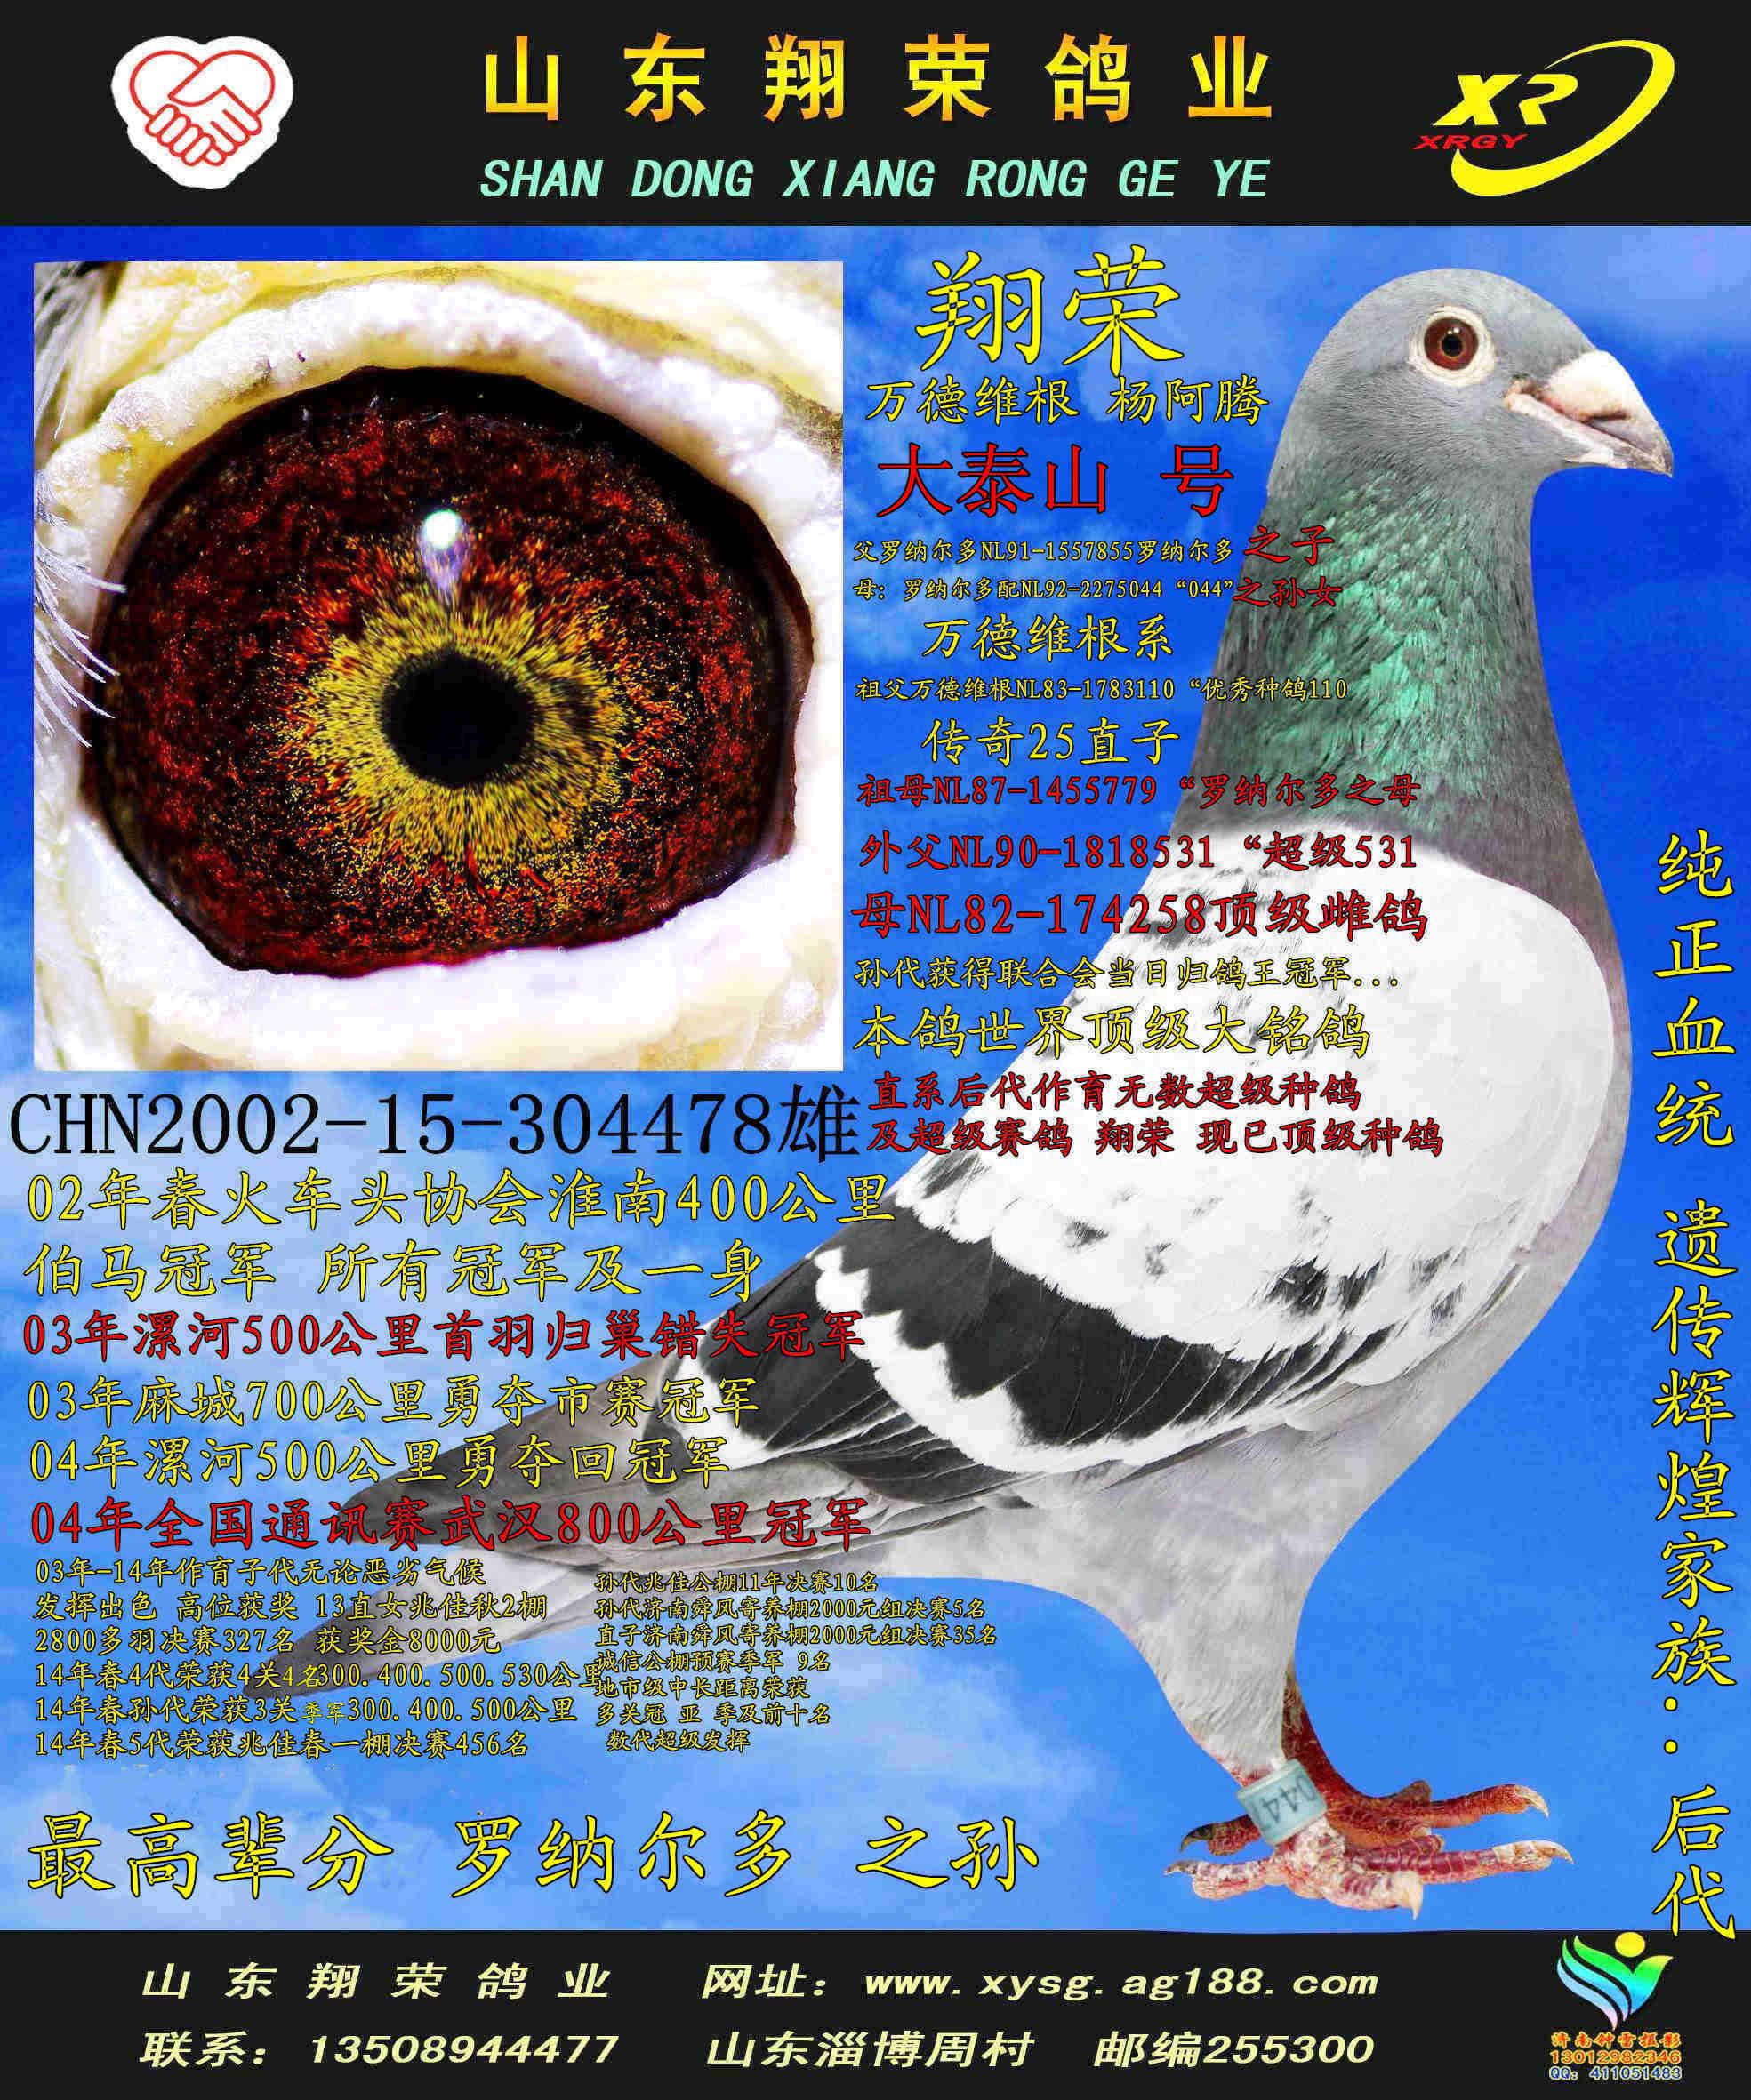 万德维根 大泰山 号_山东翔荣鸽业_ ag188.com